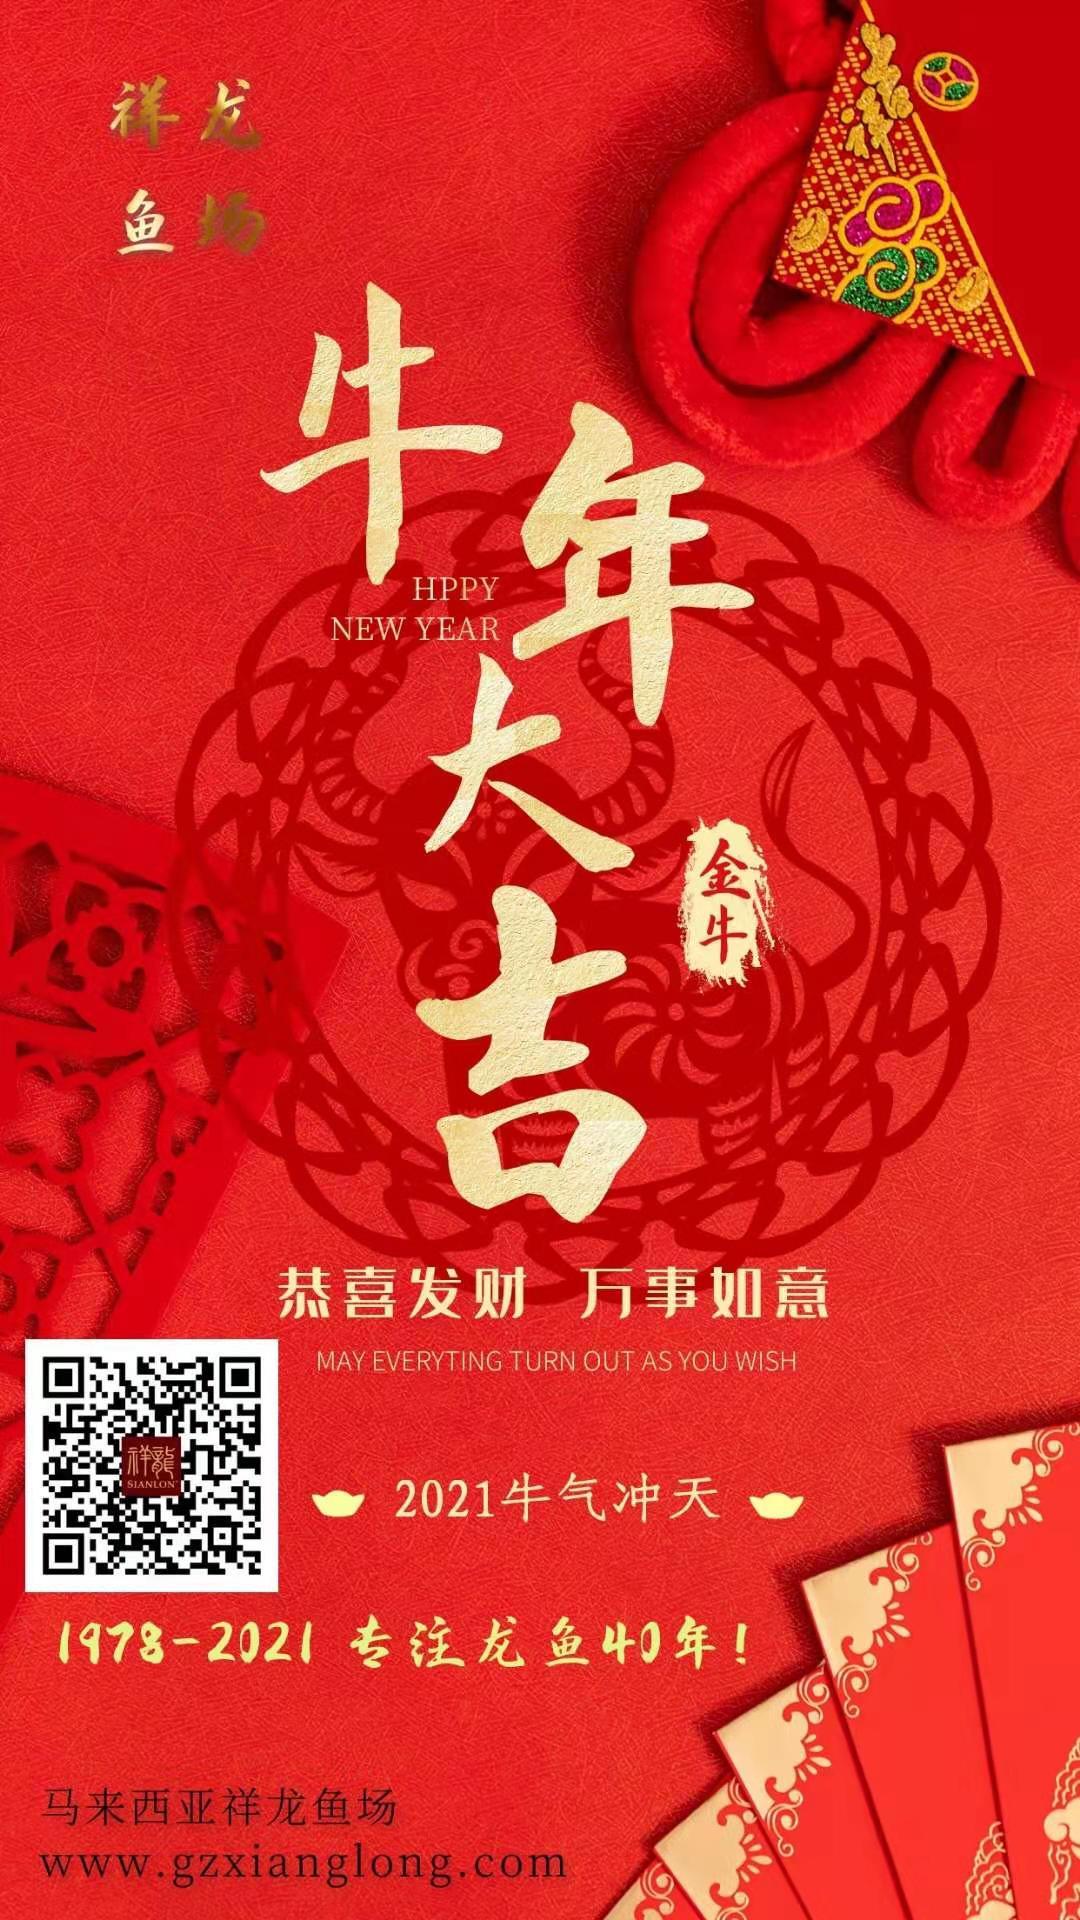 北京祥龙水族馆恭贺本市鱼友新春快乐祝福2021 北京水族馆信息 北京龙鱼第2张